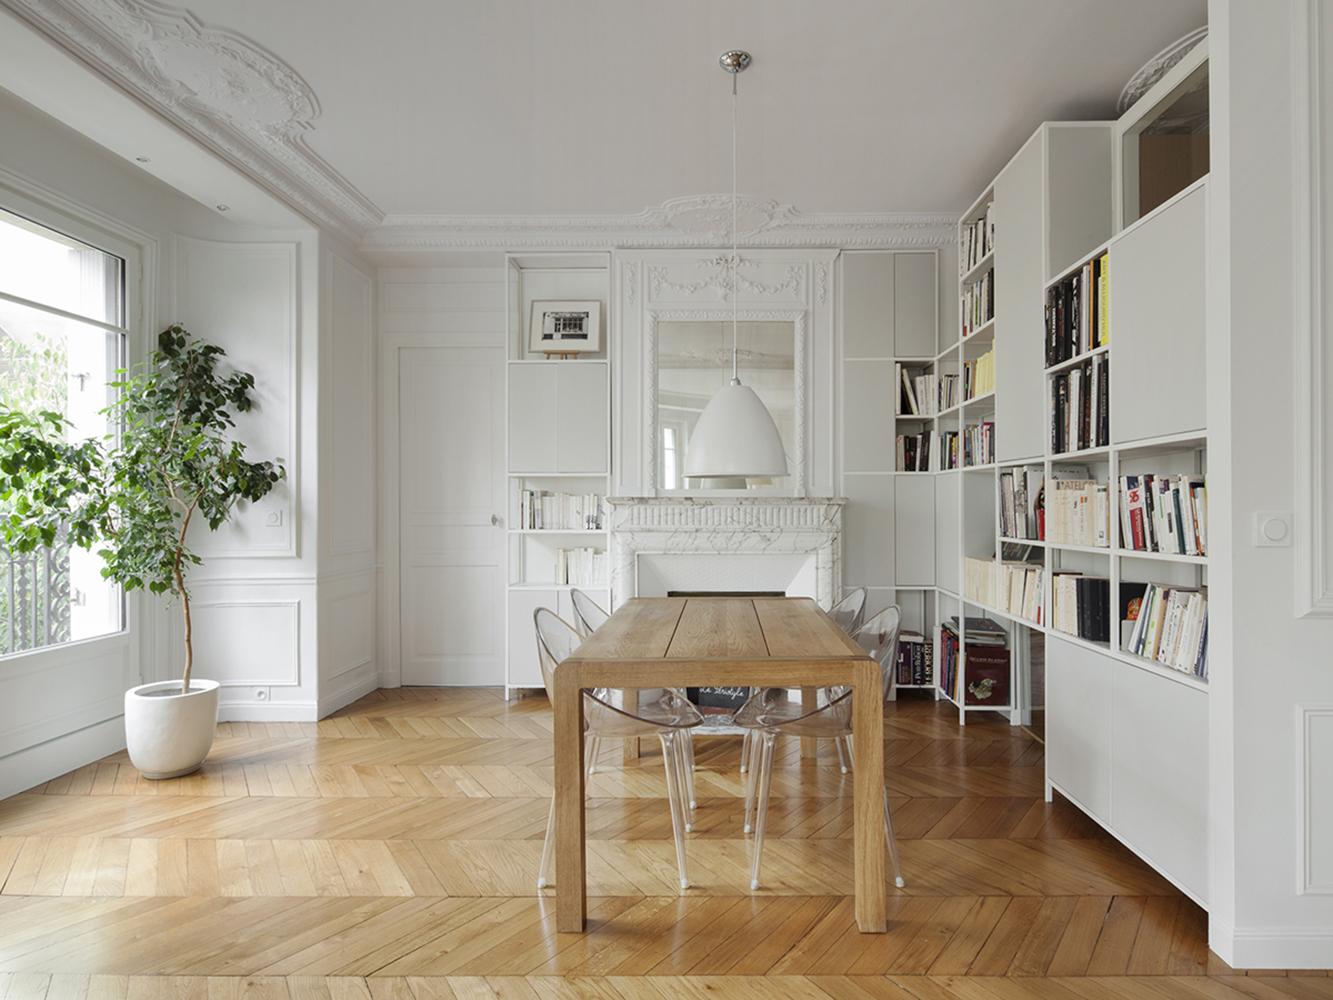 Ristrutturazione di un appartamento a parigi for Case ristrutturate da architetti foto